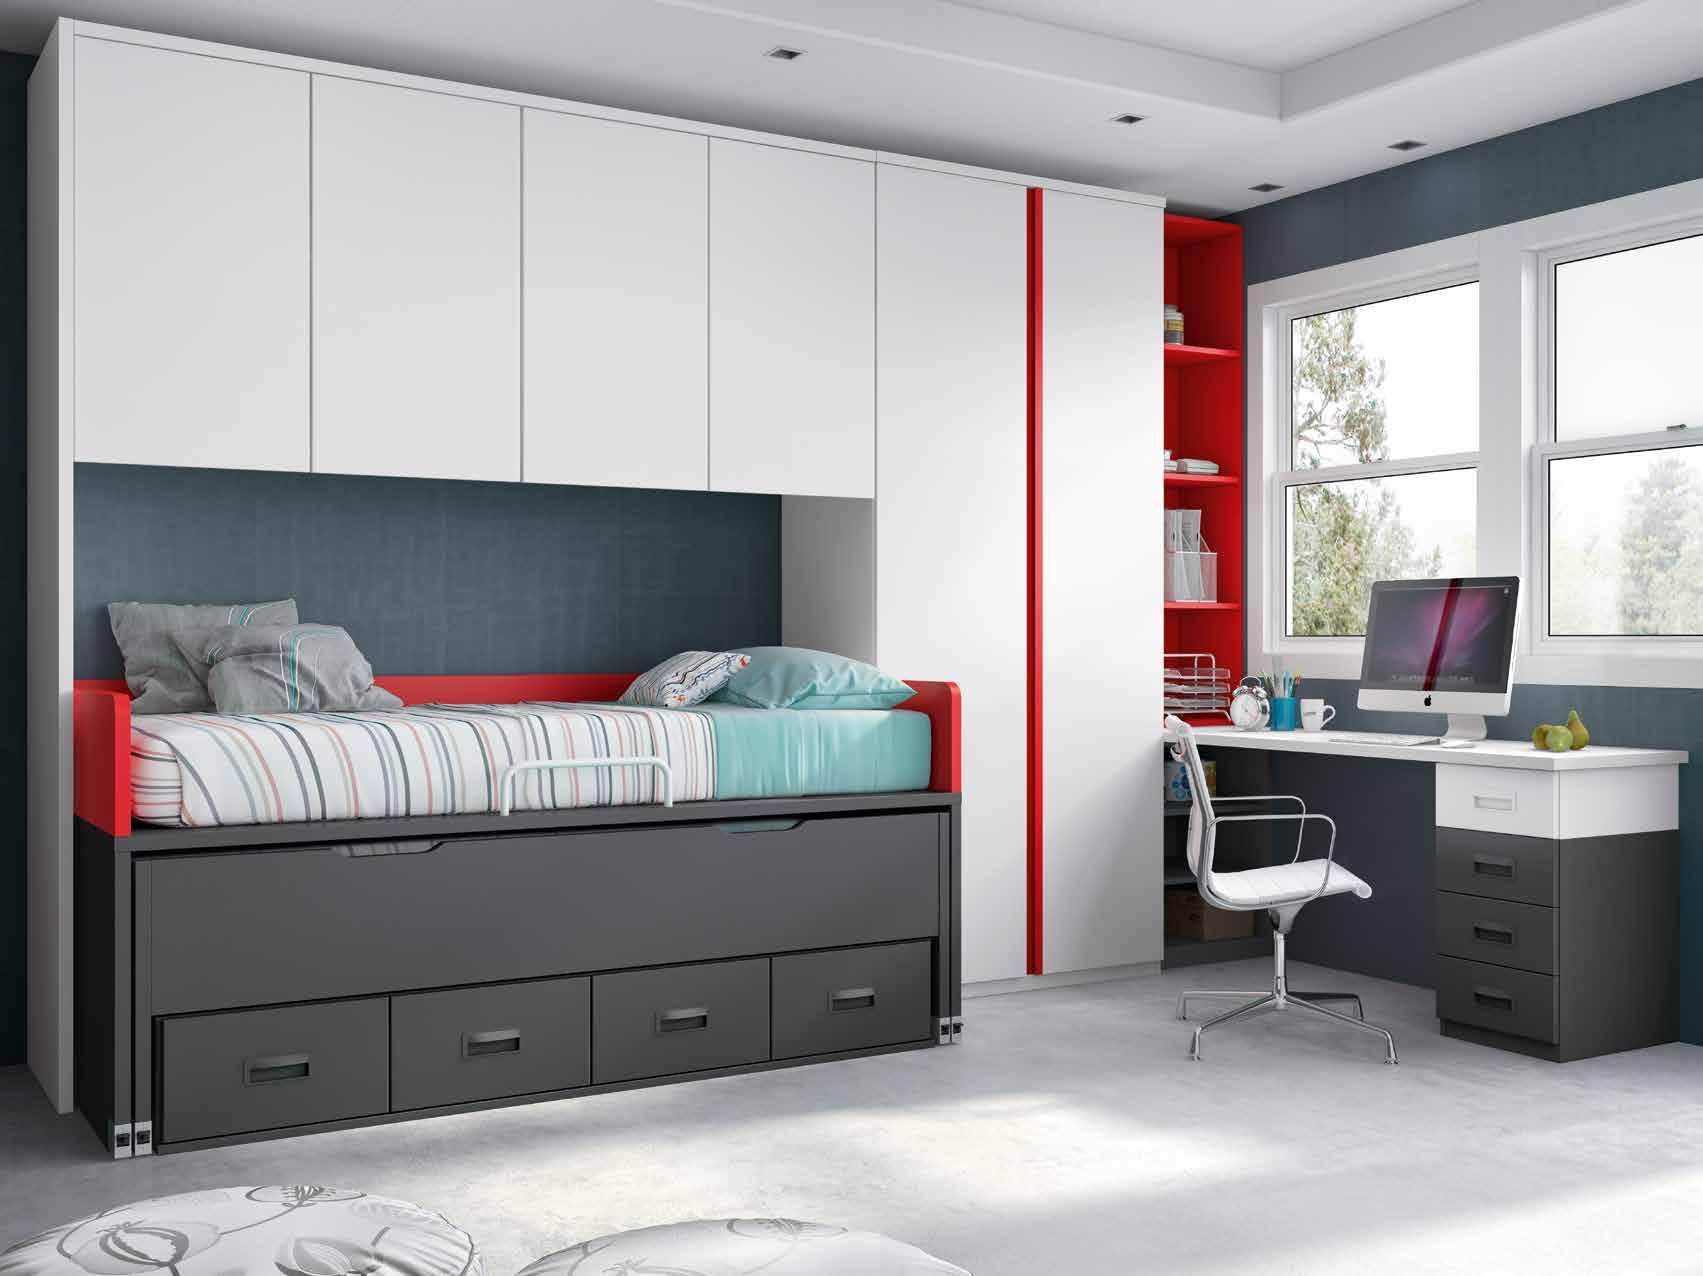 279-dormitorios-f-3